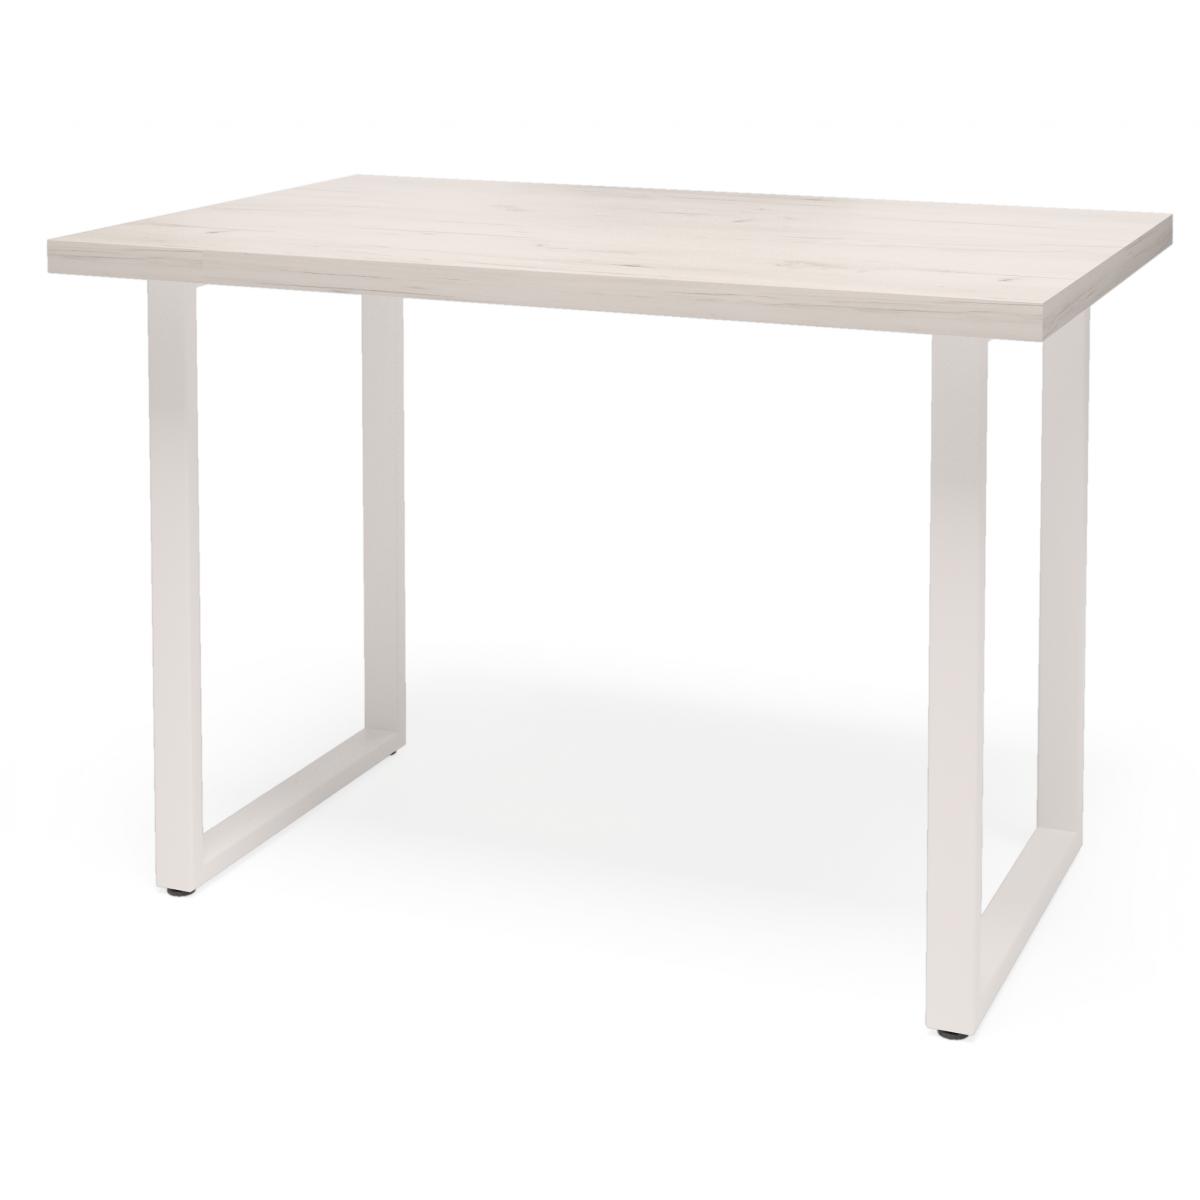 Купить стол Loft H в стиле лофт в Raroom